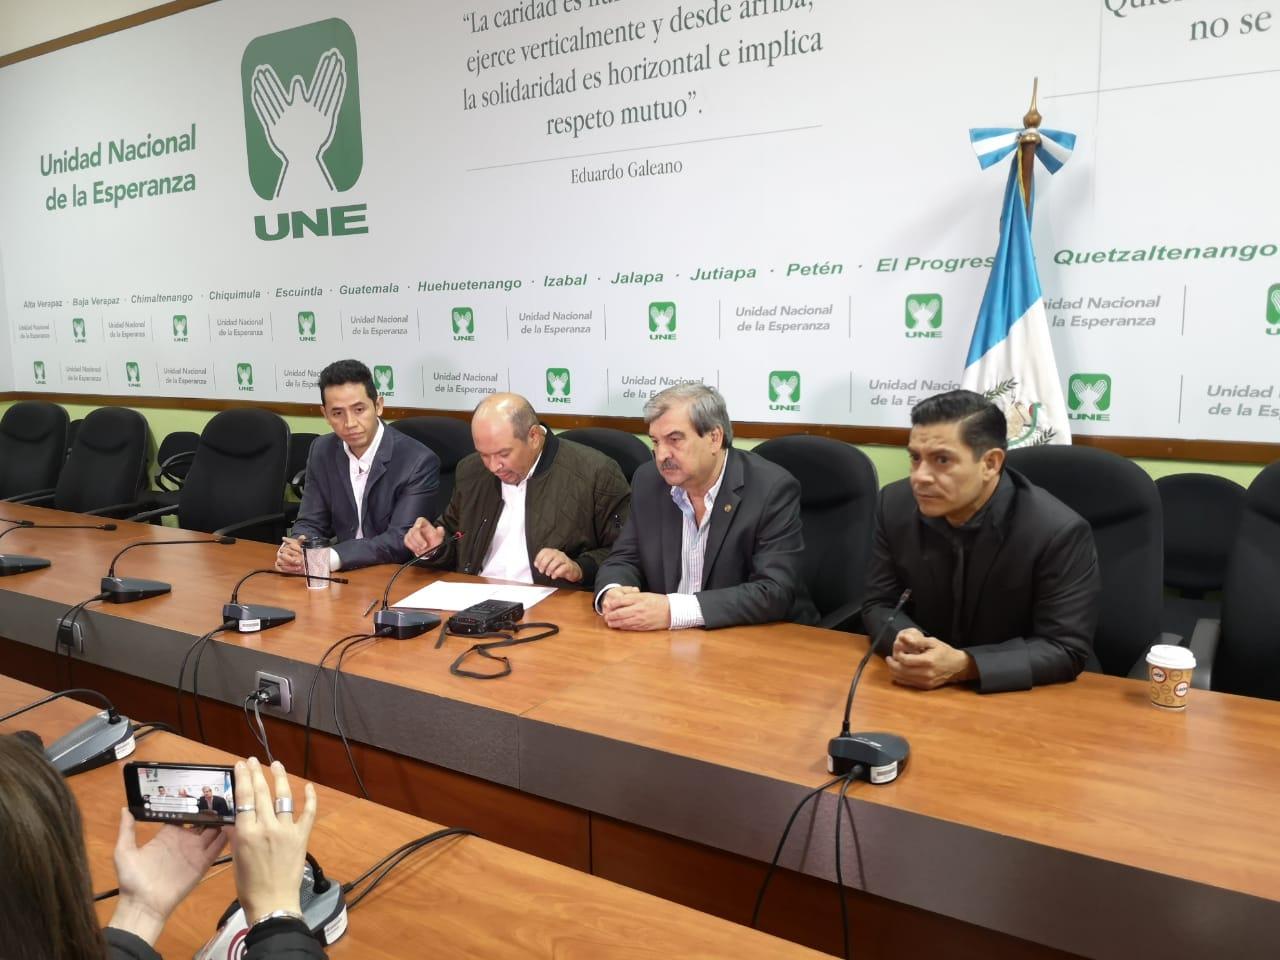 UNE: pagaron Q200 mil para votar por nueva Junta Directiva del Congreso